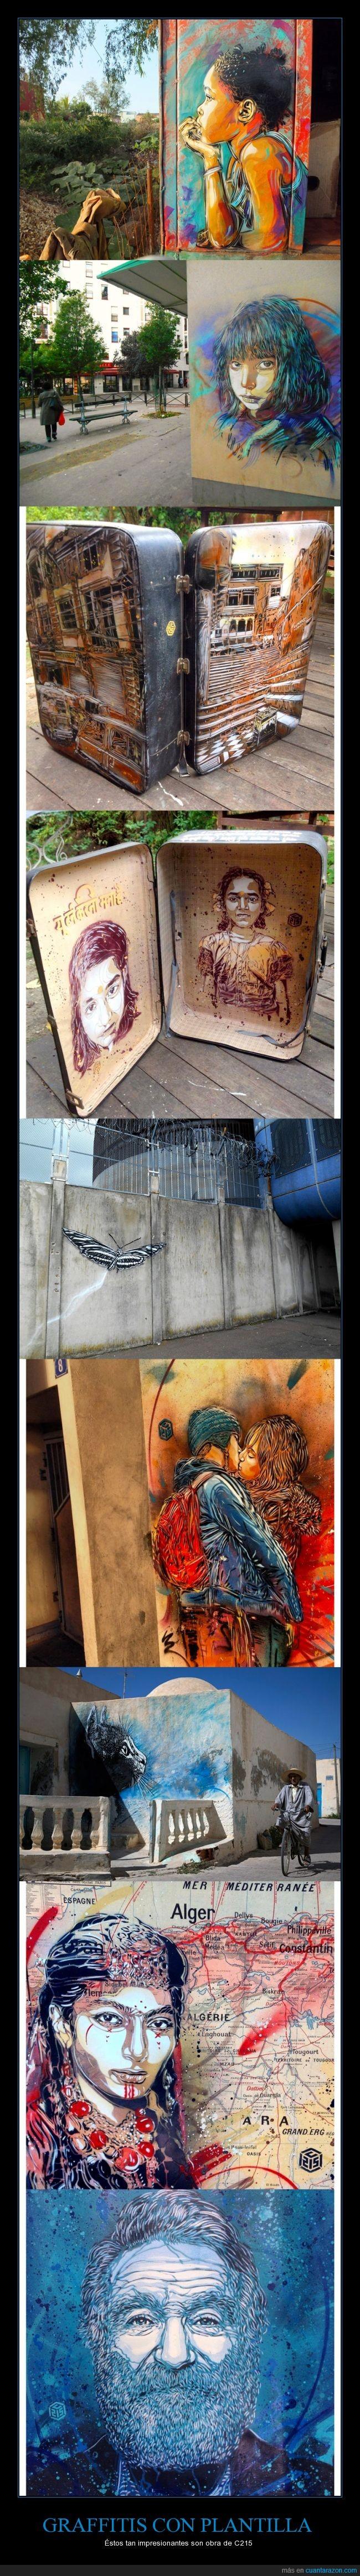 arte,arte urbano,c-215,c215,graffiti,plantilla,robin williams